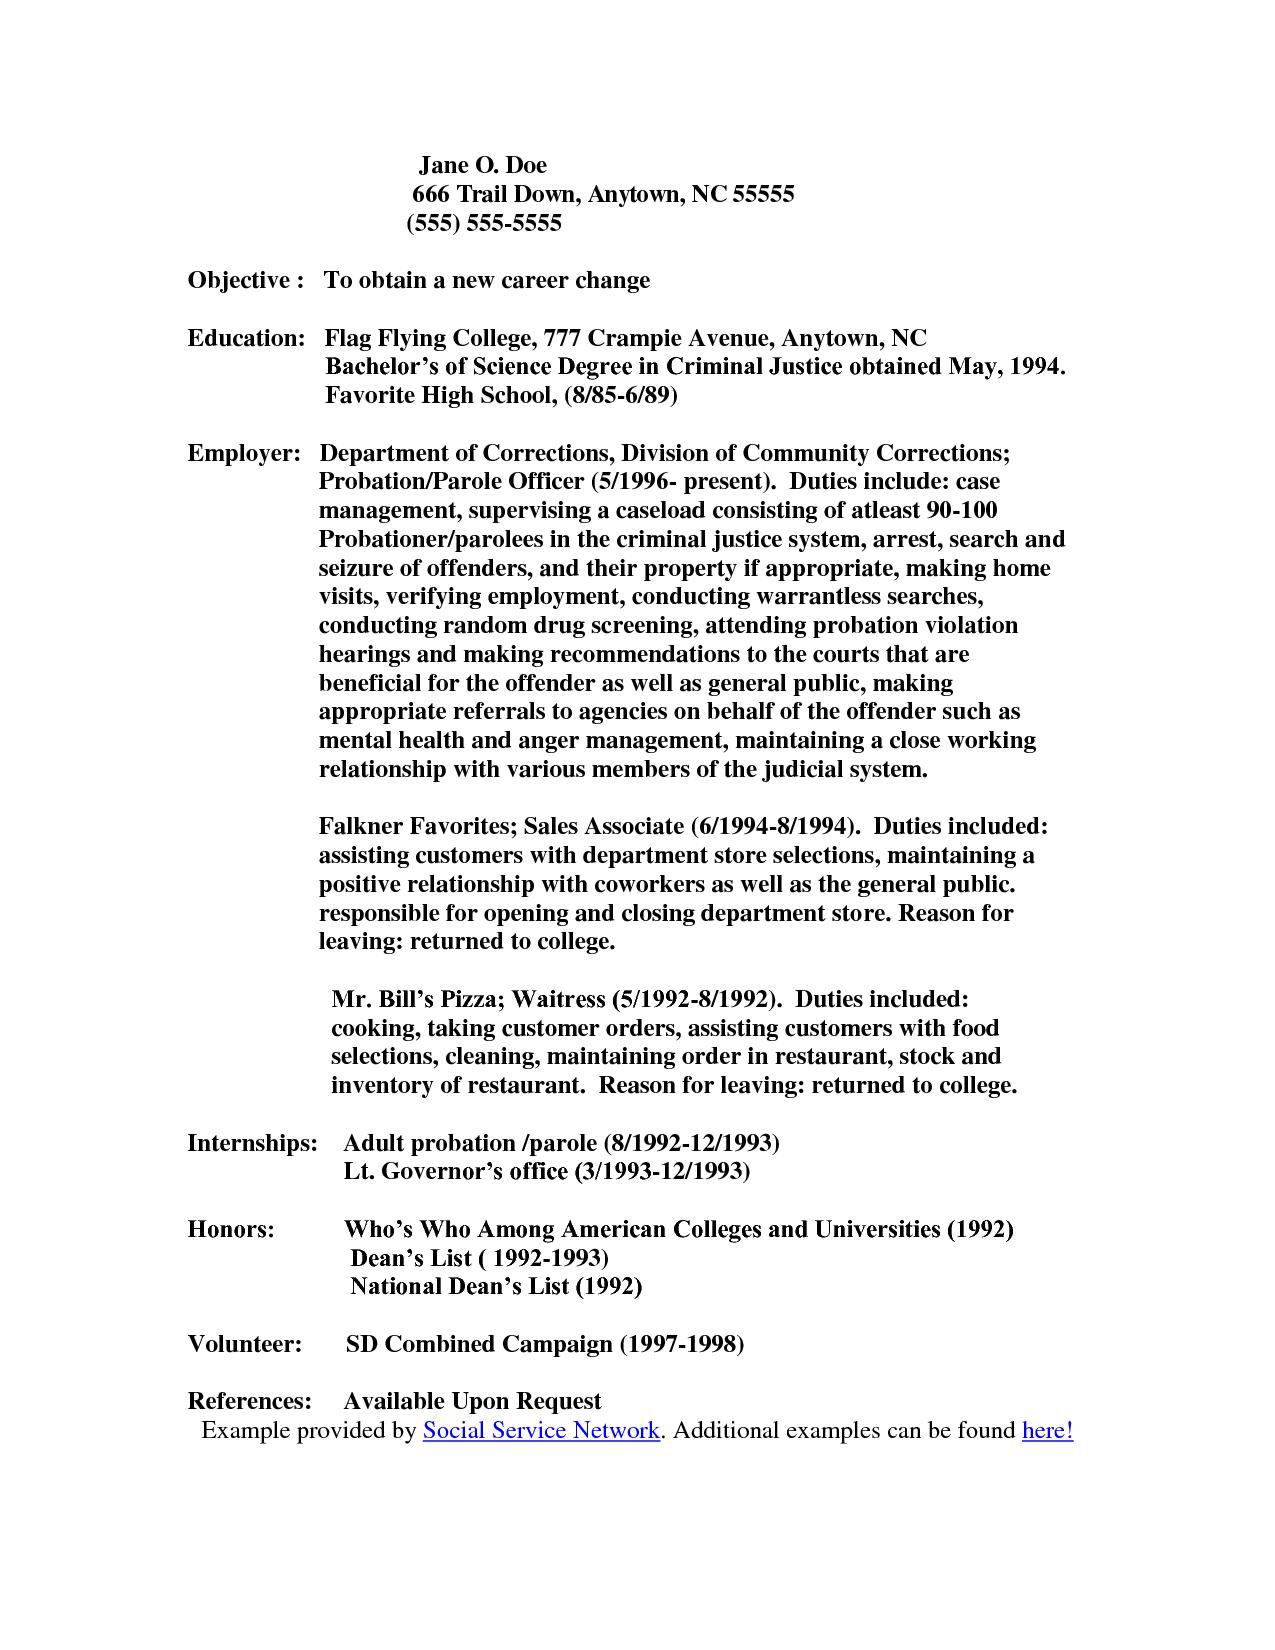 Resume For Juvenile Detention Officercareer Resume Template Career Resume Template